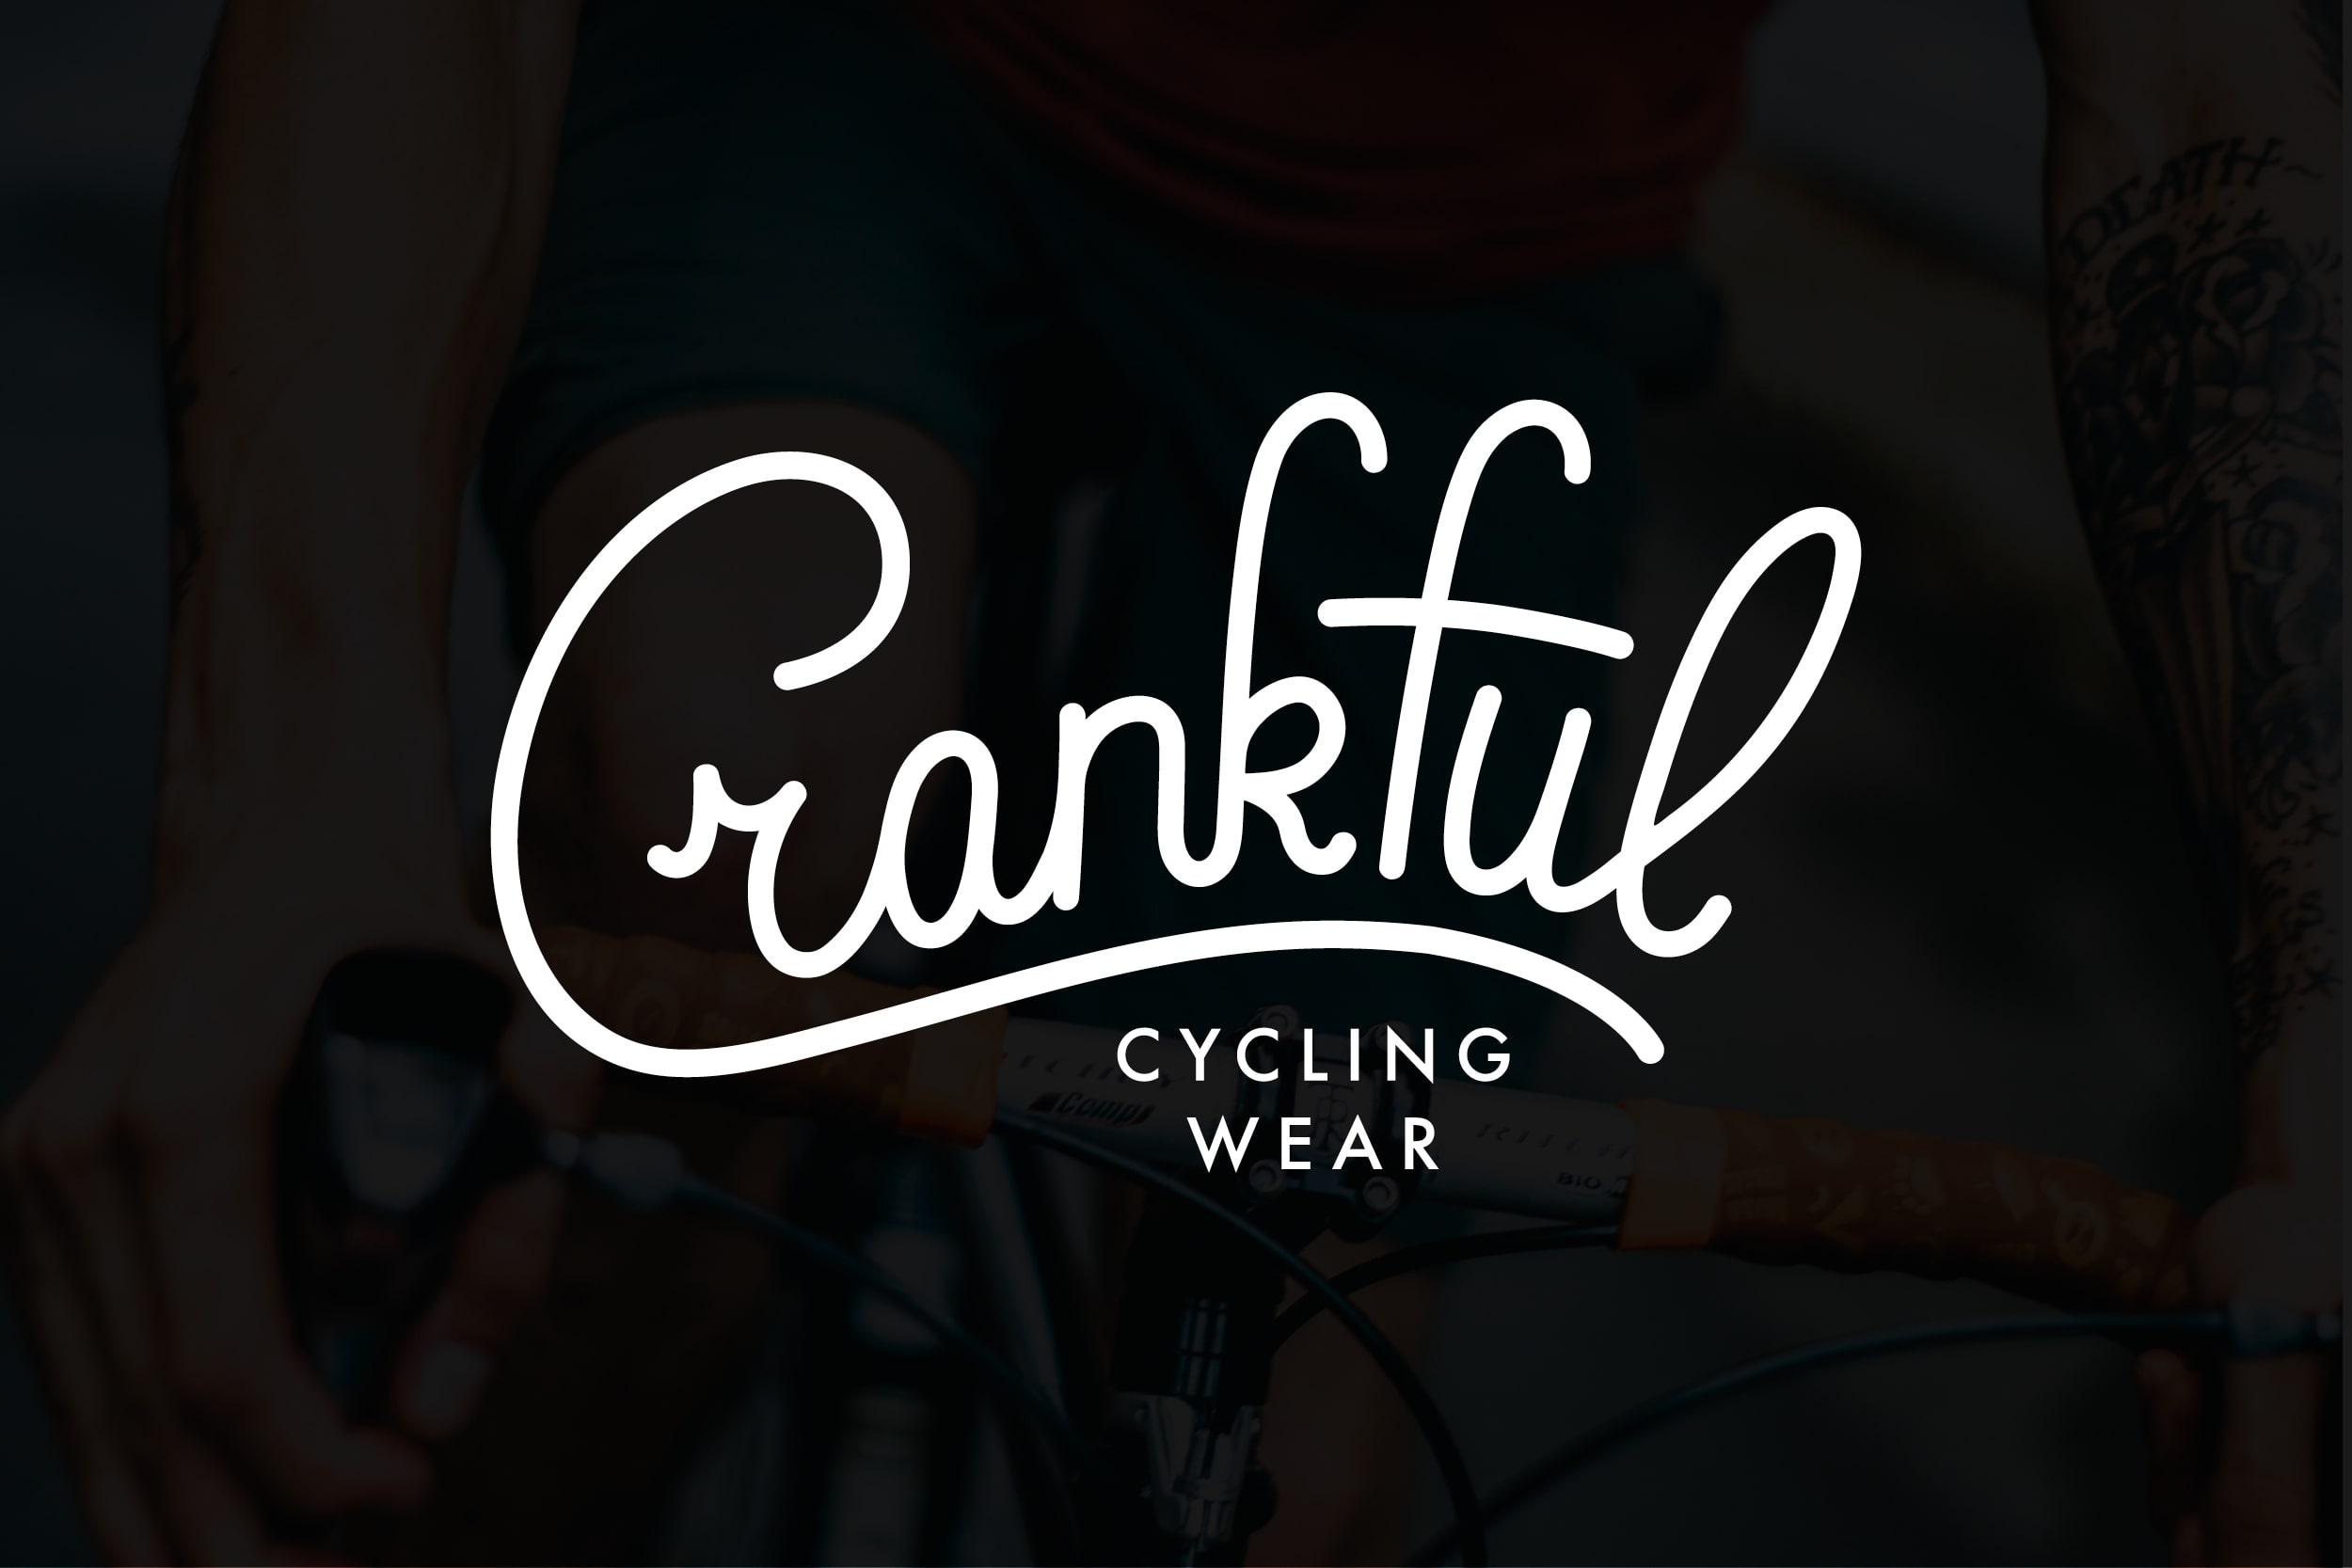 femke_nouters_crankful_cycling_wear_handlettering_design